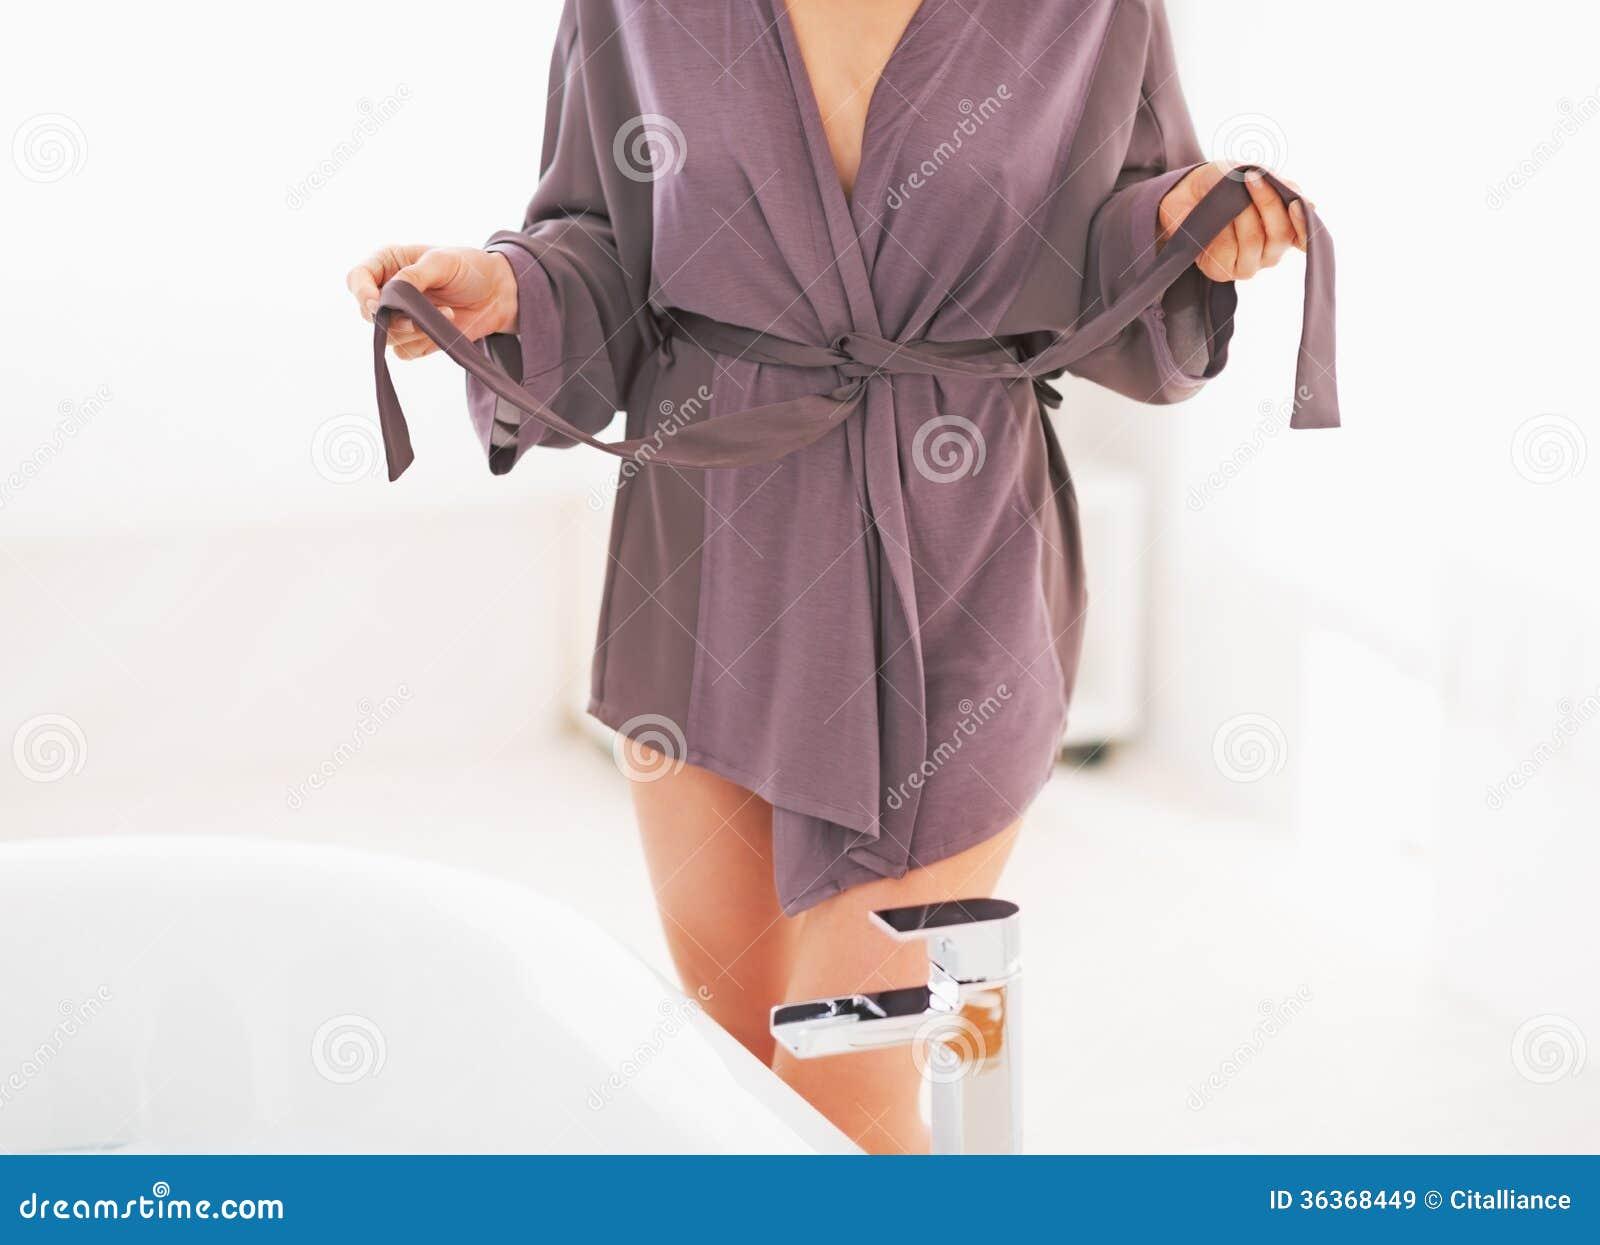 Imagenes De Tomar Un Baño: en la mujer joven en cuarto de baño que desnuda para tomar un baño